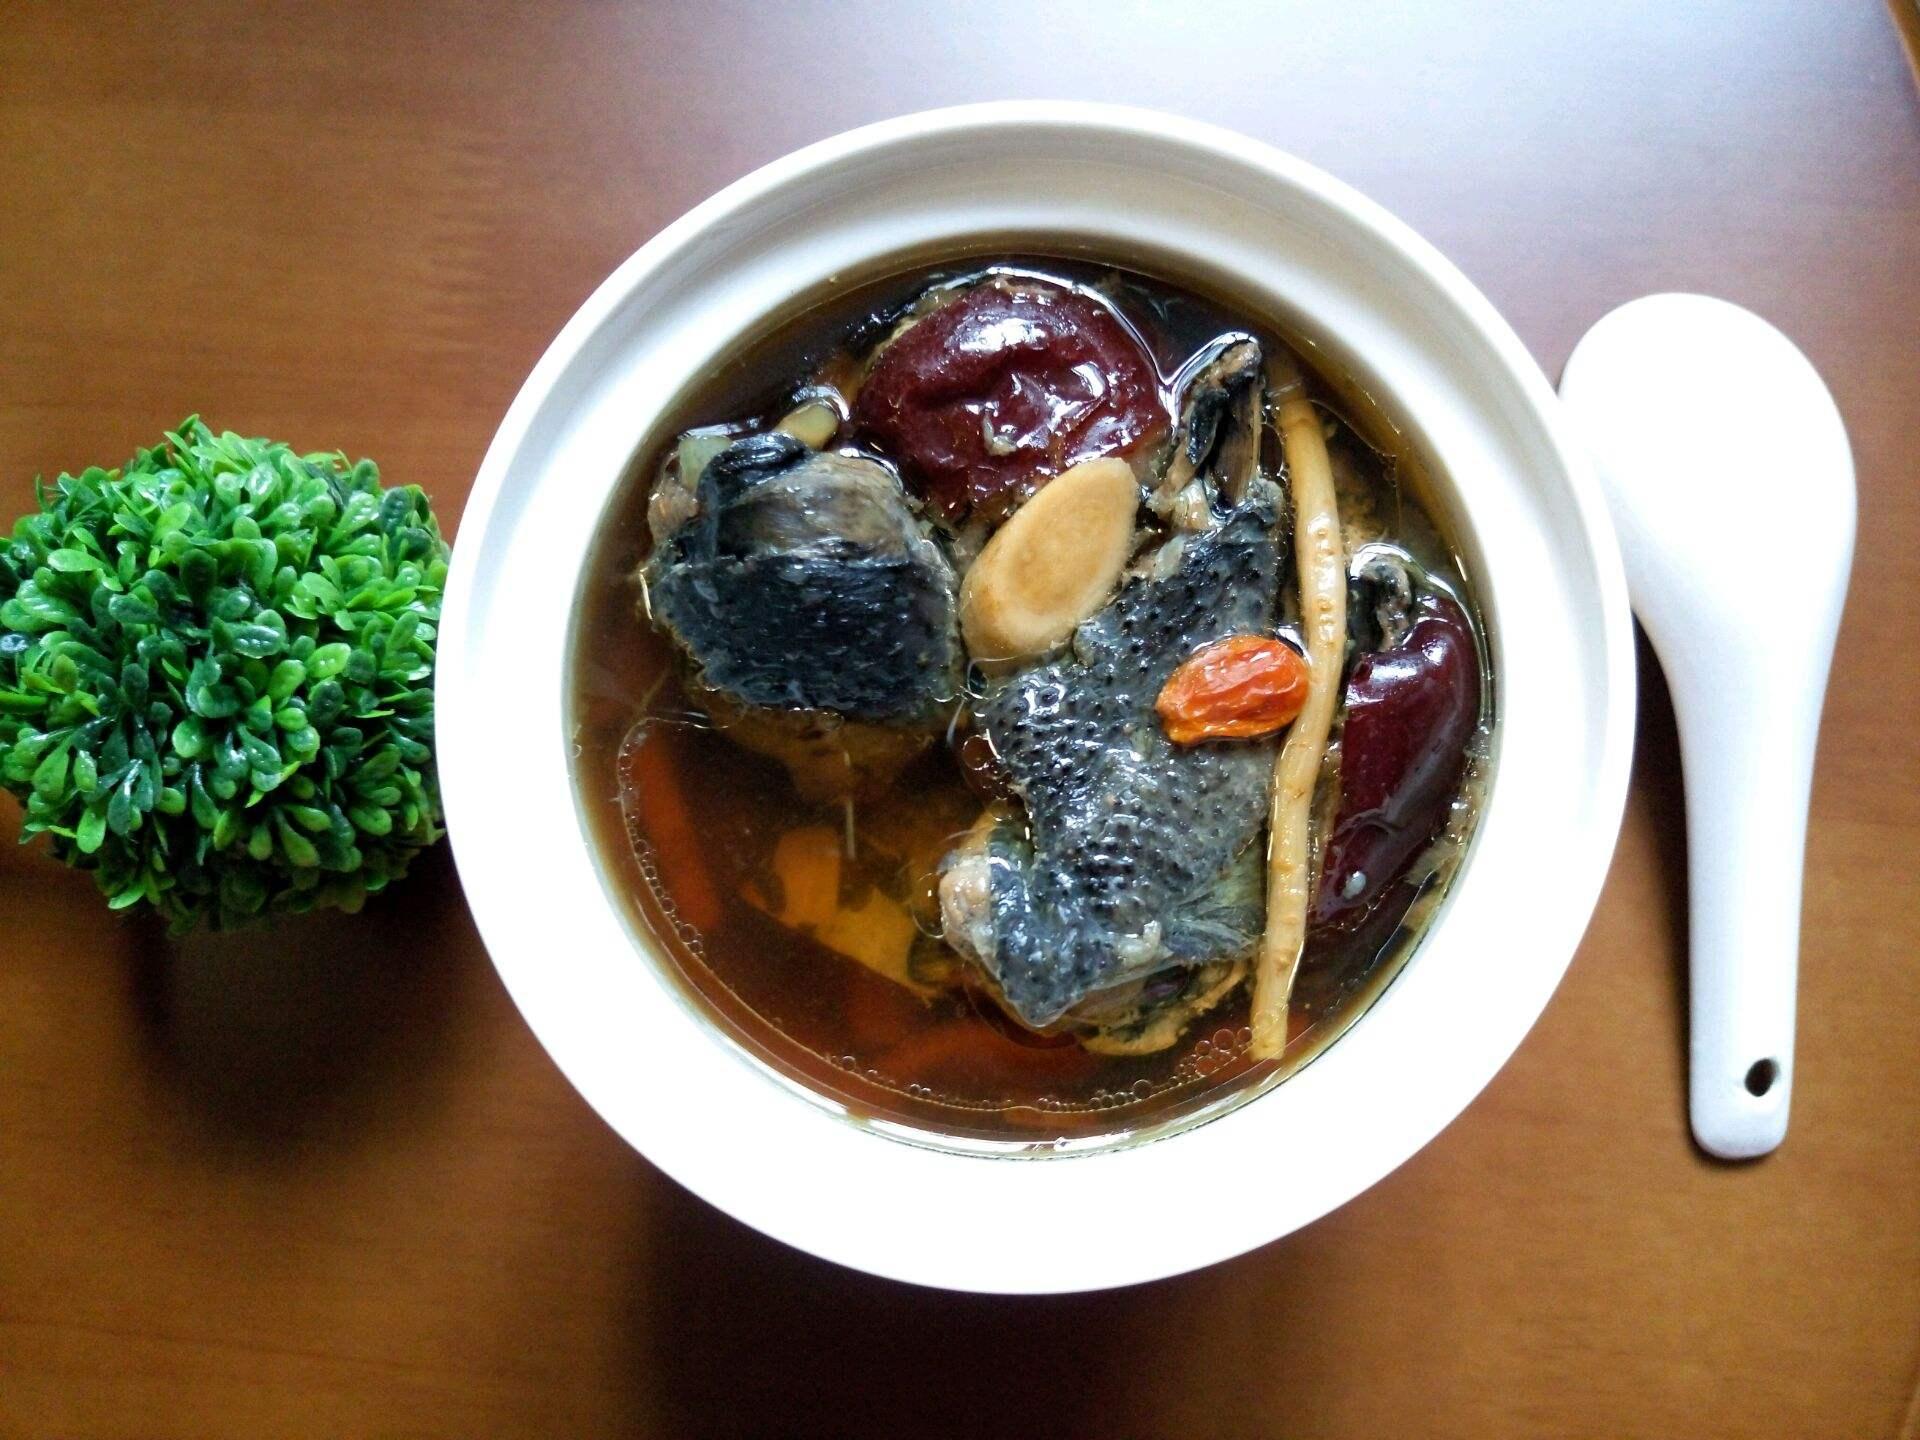 美食:腰腿乏力 就喝首乌黑豆乌鸡汤